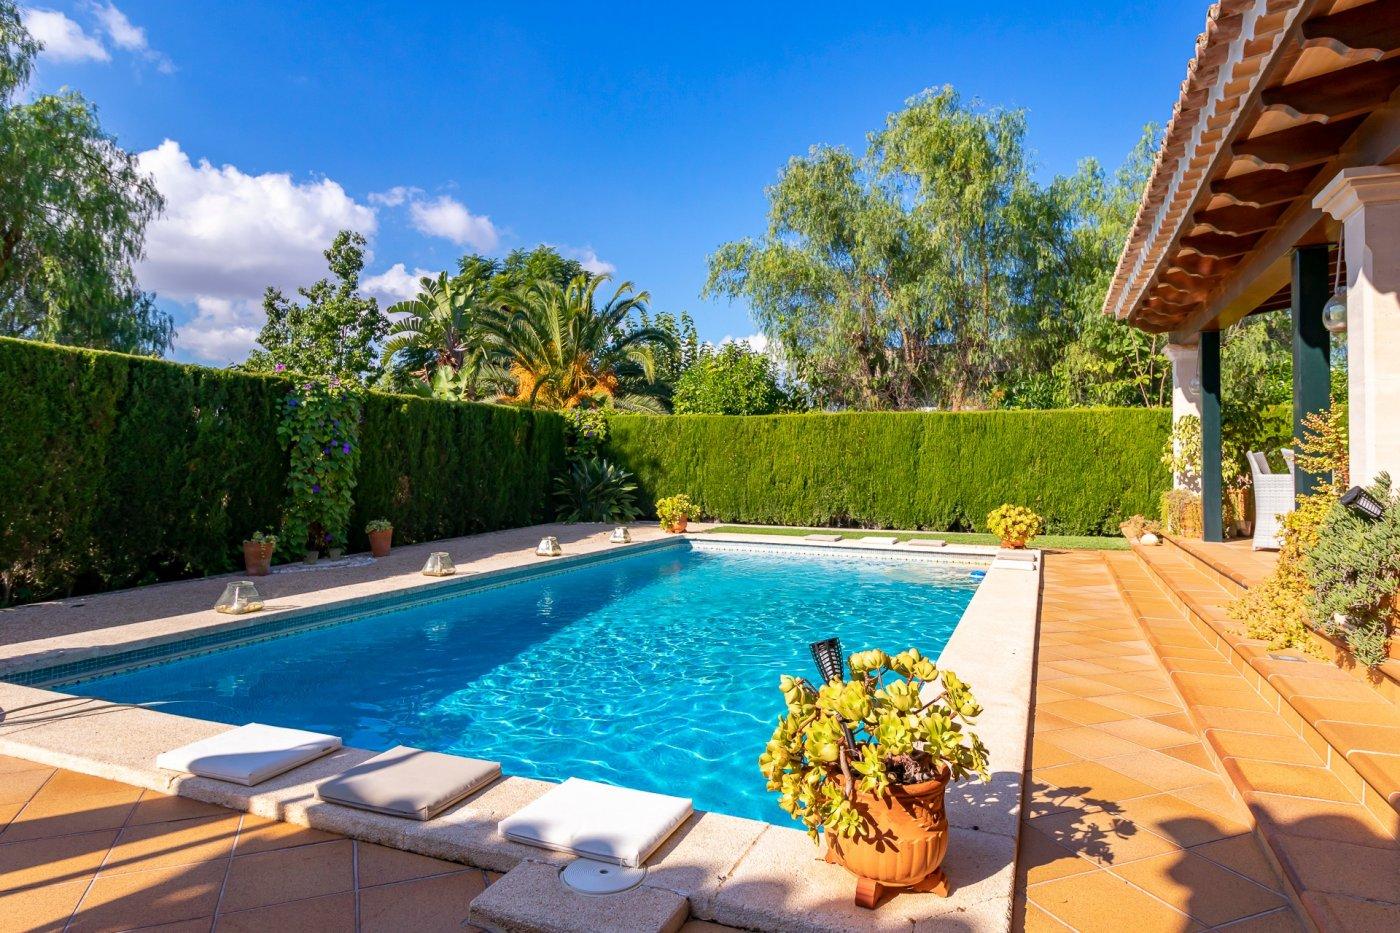 MagnÍfico chalet con piscina en sa cabaneta, marratxi - imagenInmueble12